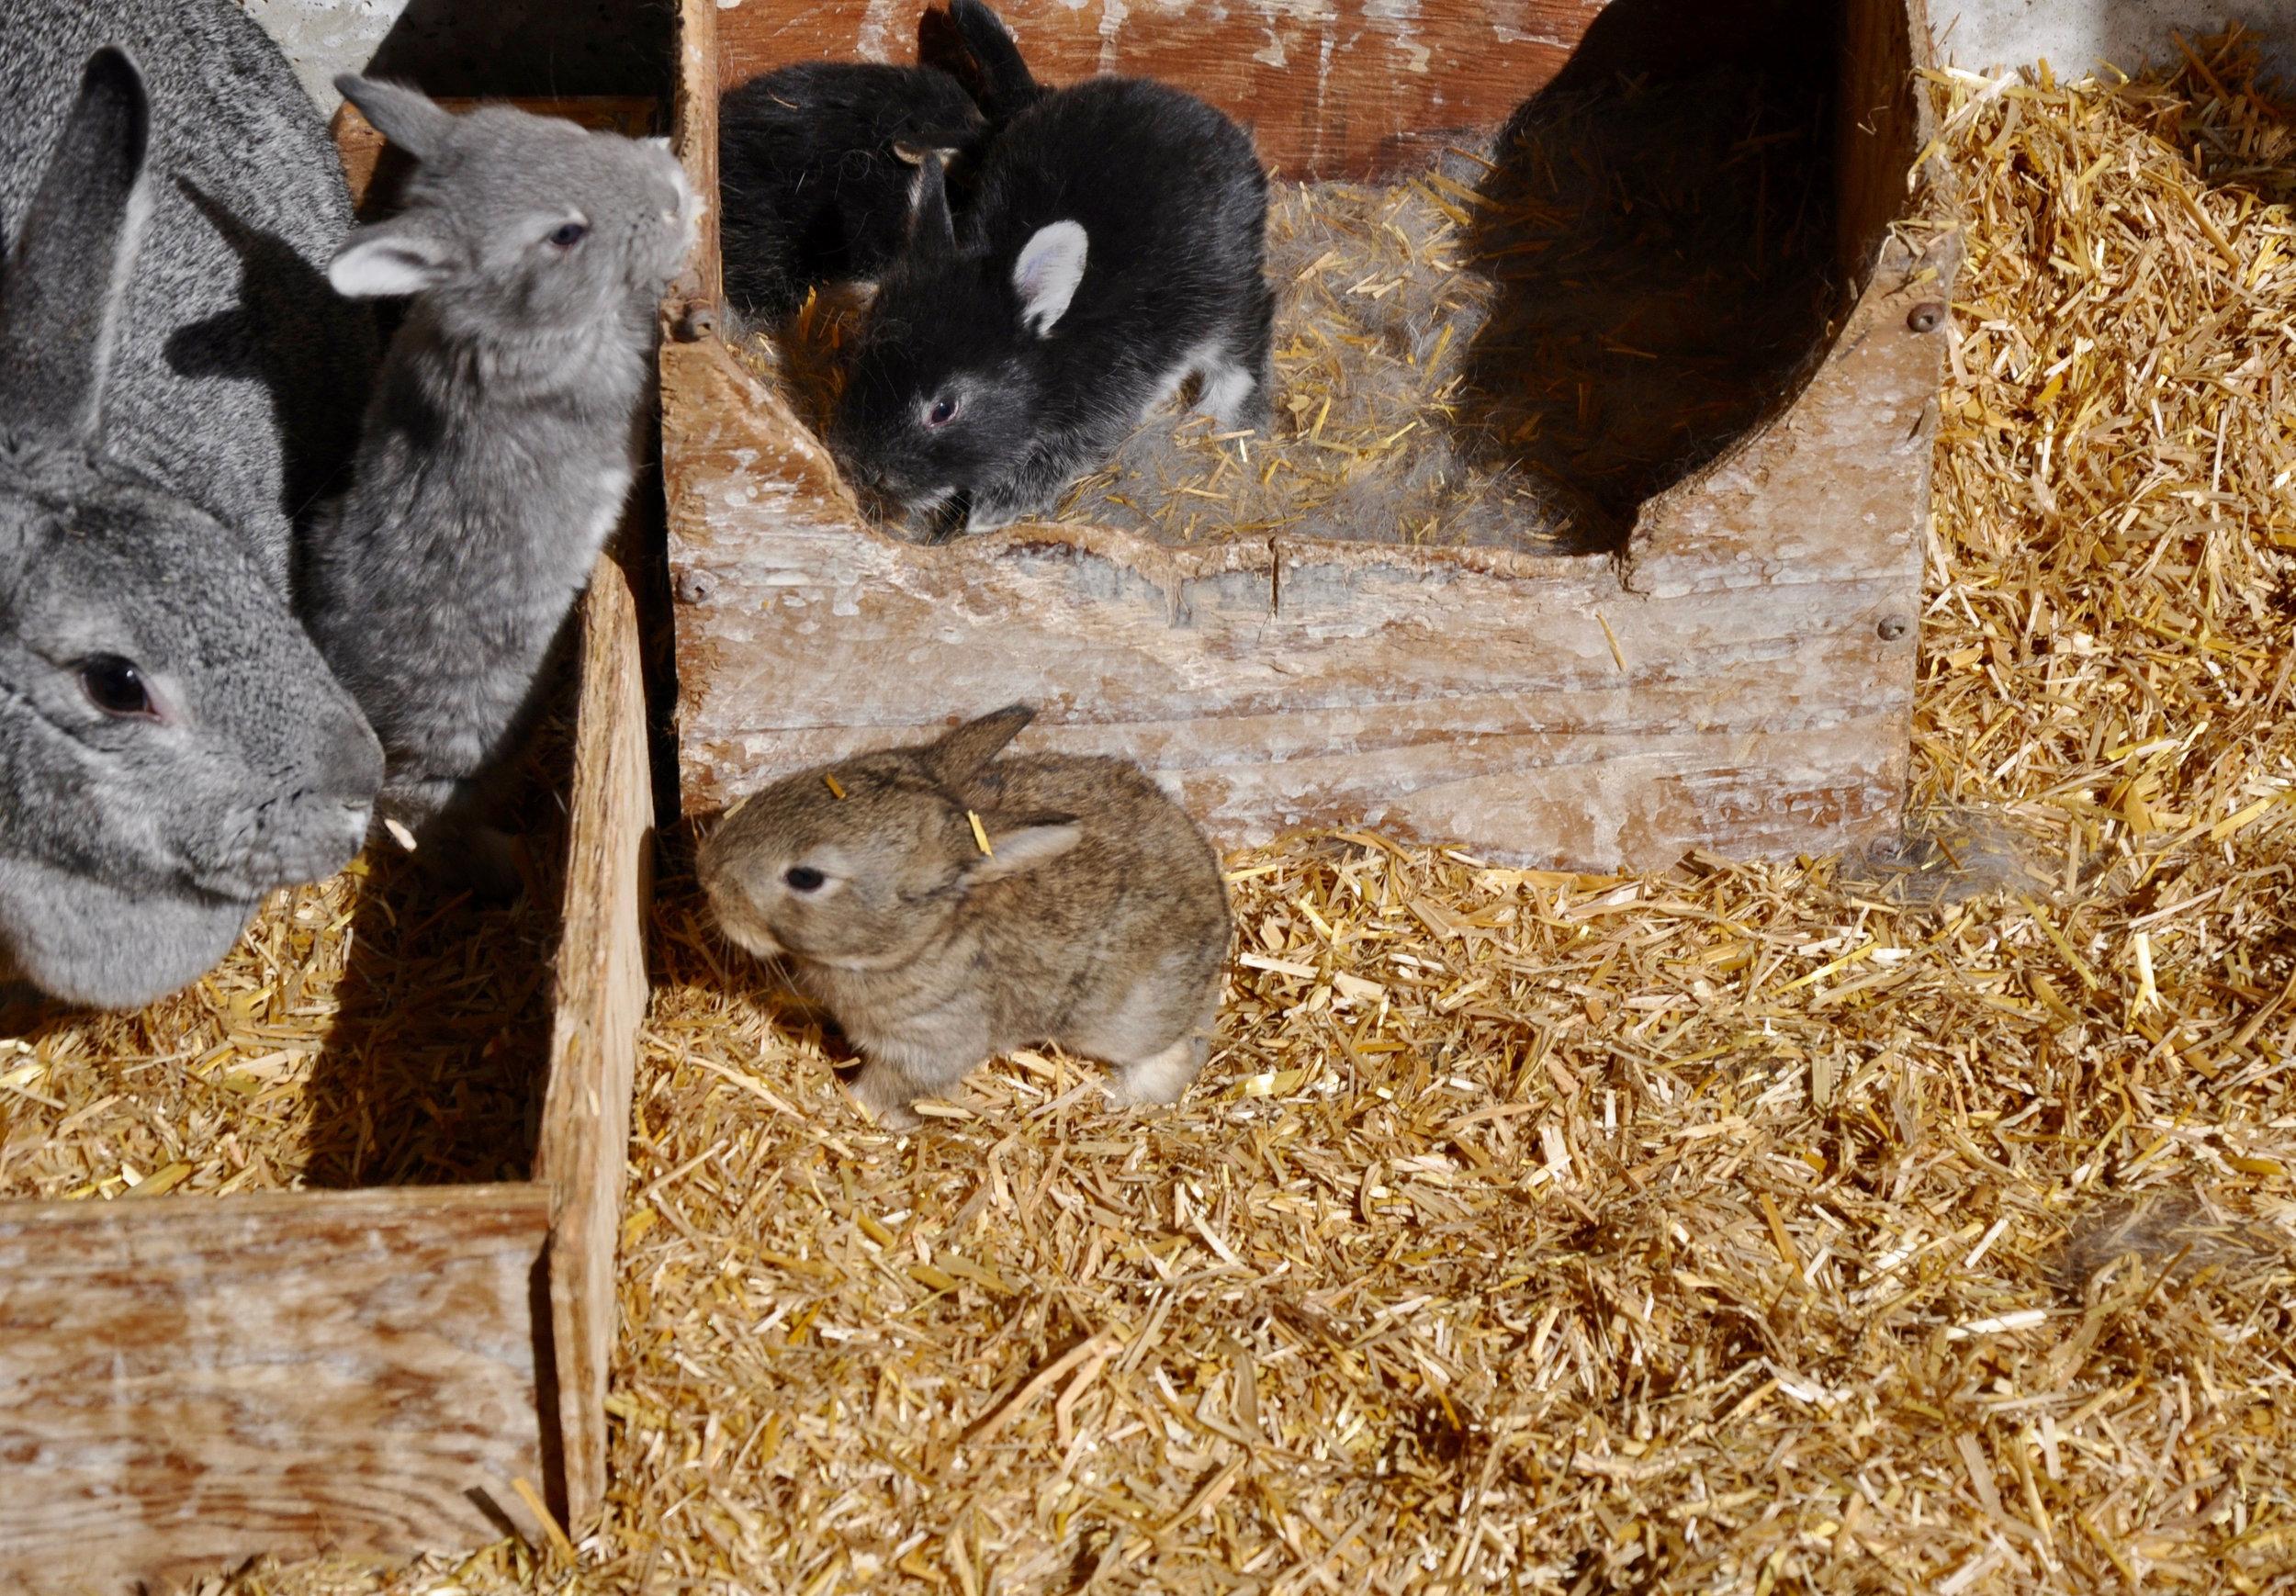 SB_Rabbits_Straw.jpg